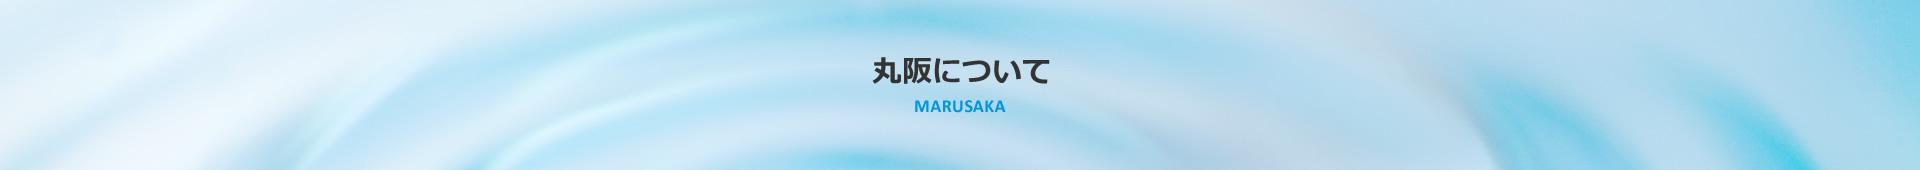 丸阪について